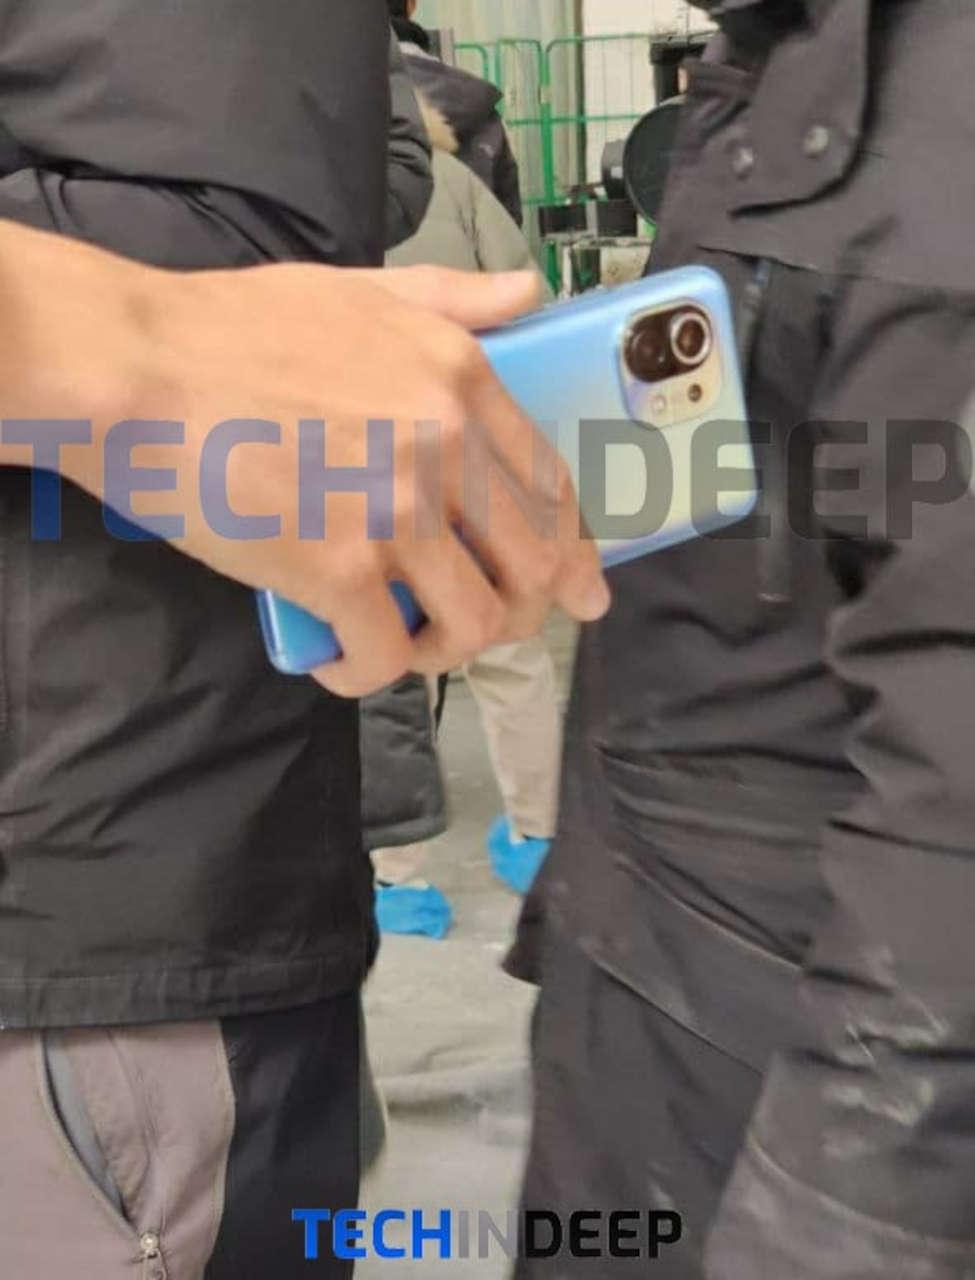 Este sería el Xiaomi Mi 11 según sus últimas fotos filtradas. Noticias Xiaomi Adictos